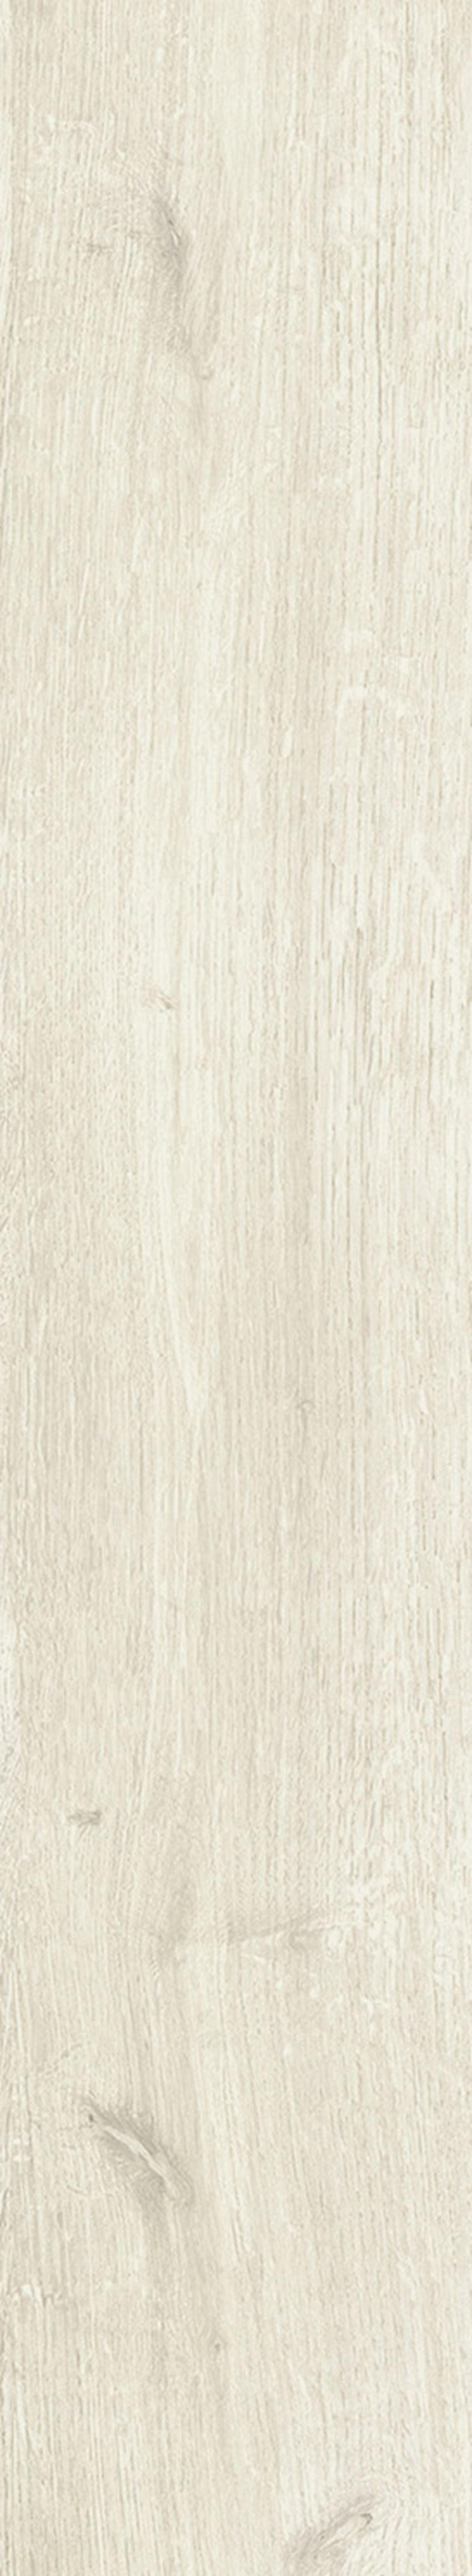 Płytka ścienno-podłogowa Cerrad Giornata Bianco 5